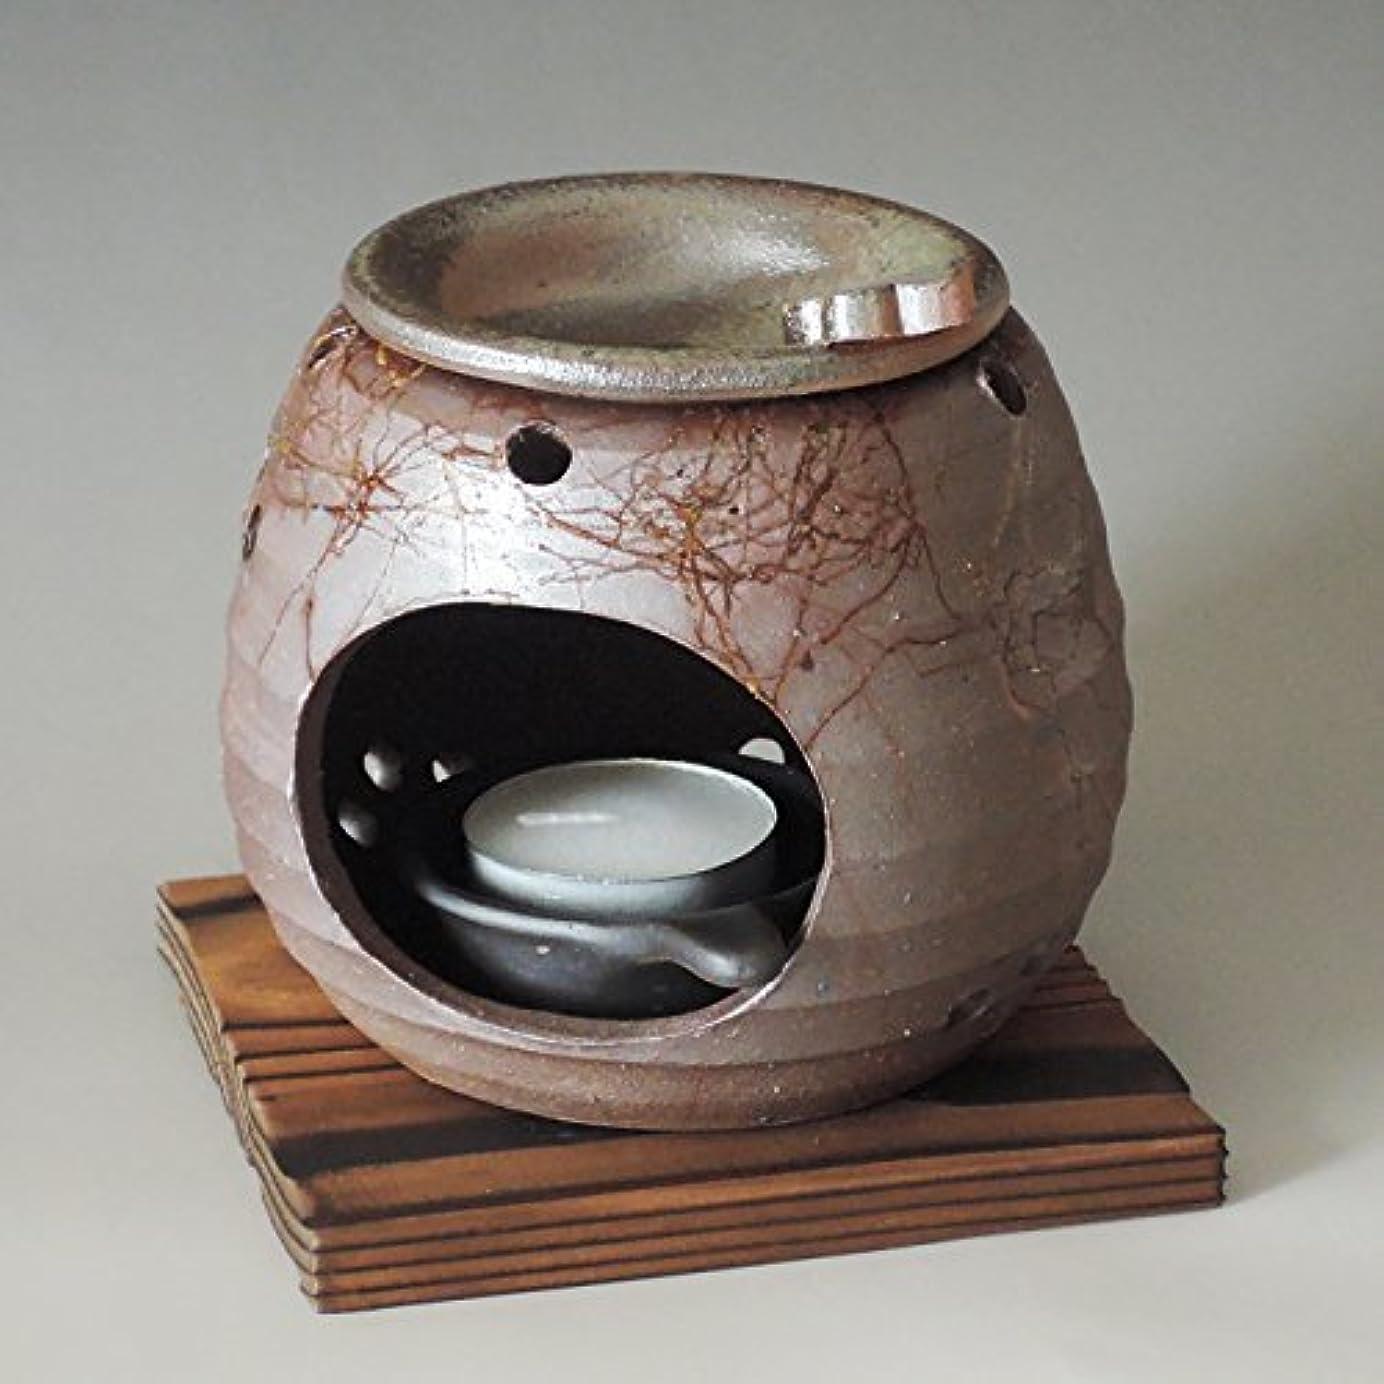 パキスタン言及する甘美な茶香炉 常滑焼 石龍作「藻掛け」川本屋茶舗